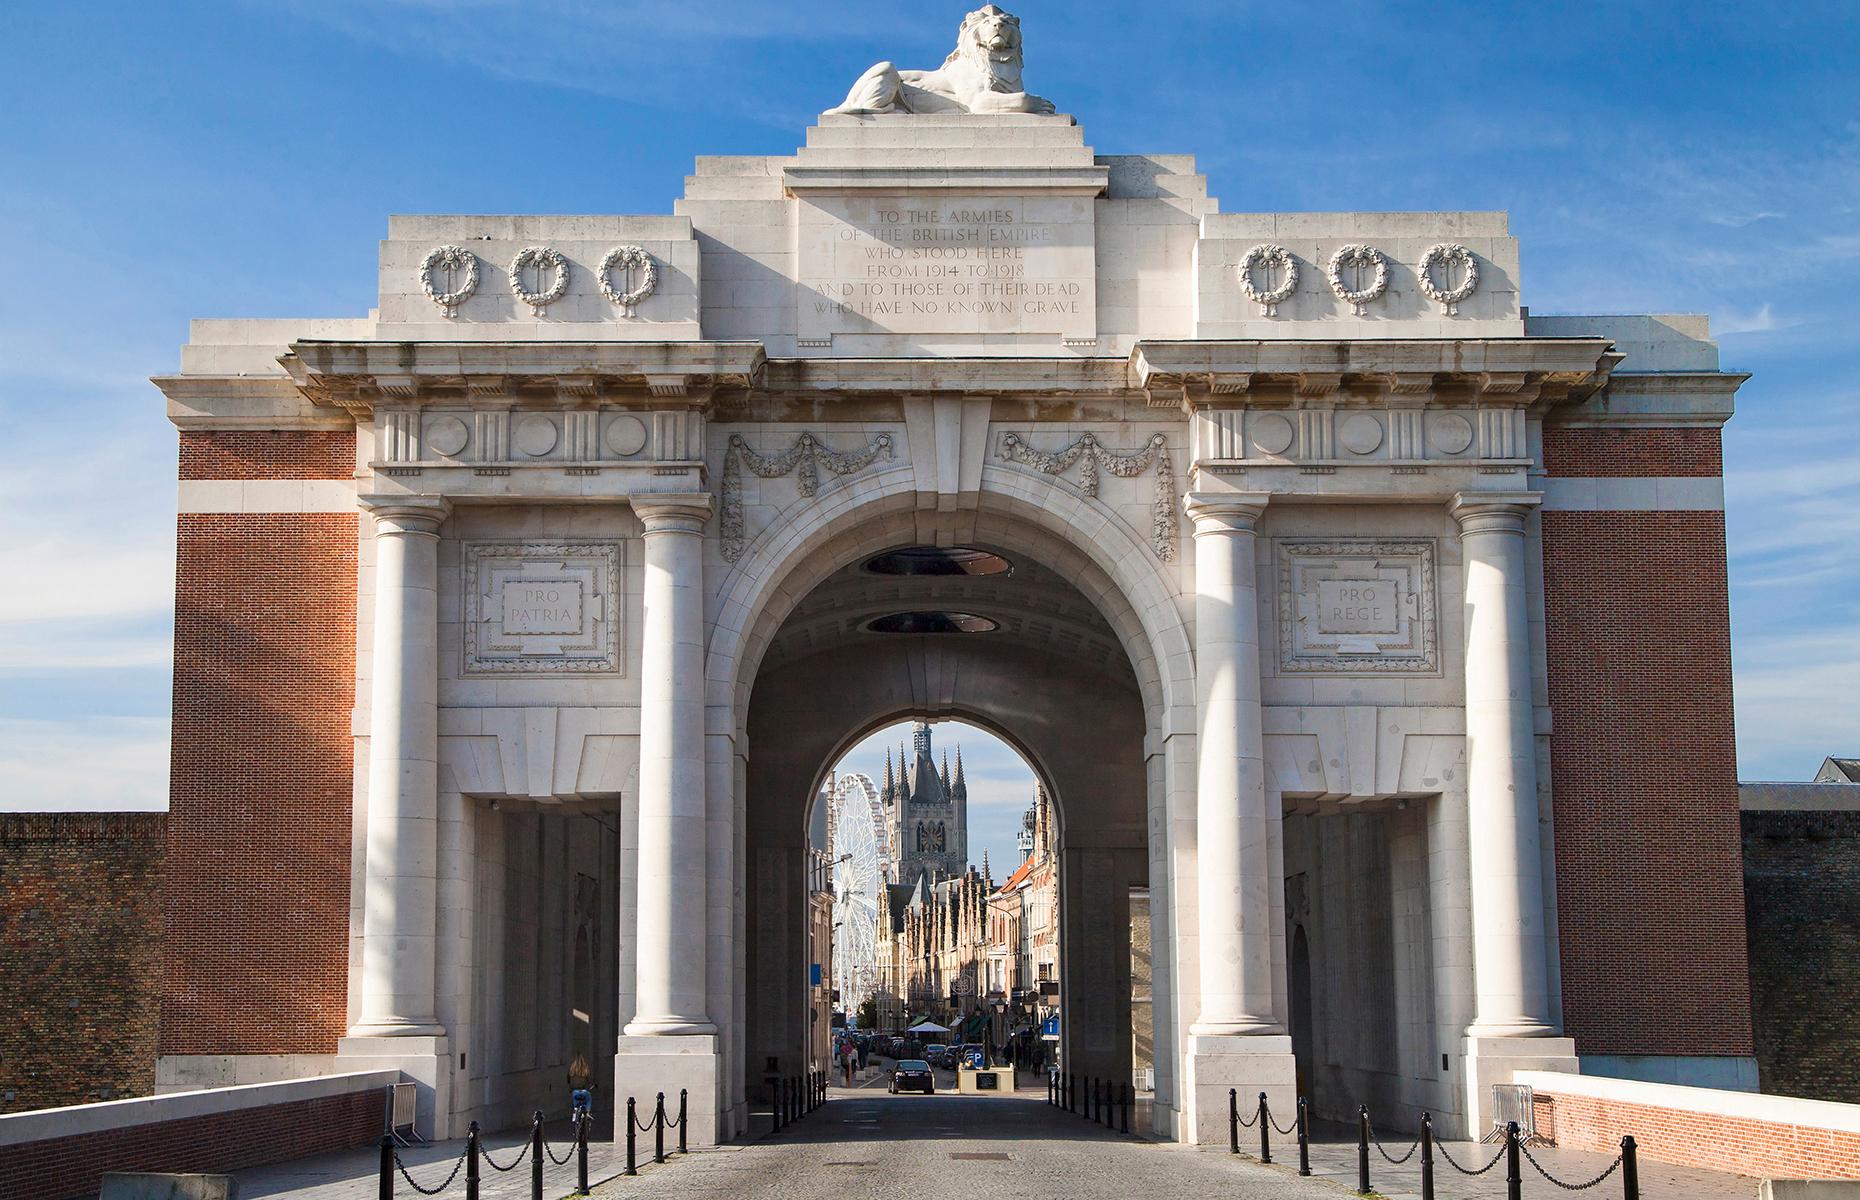 Menin Gate, Ypres, Flanders